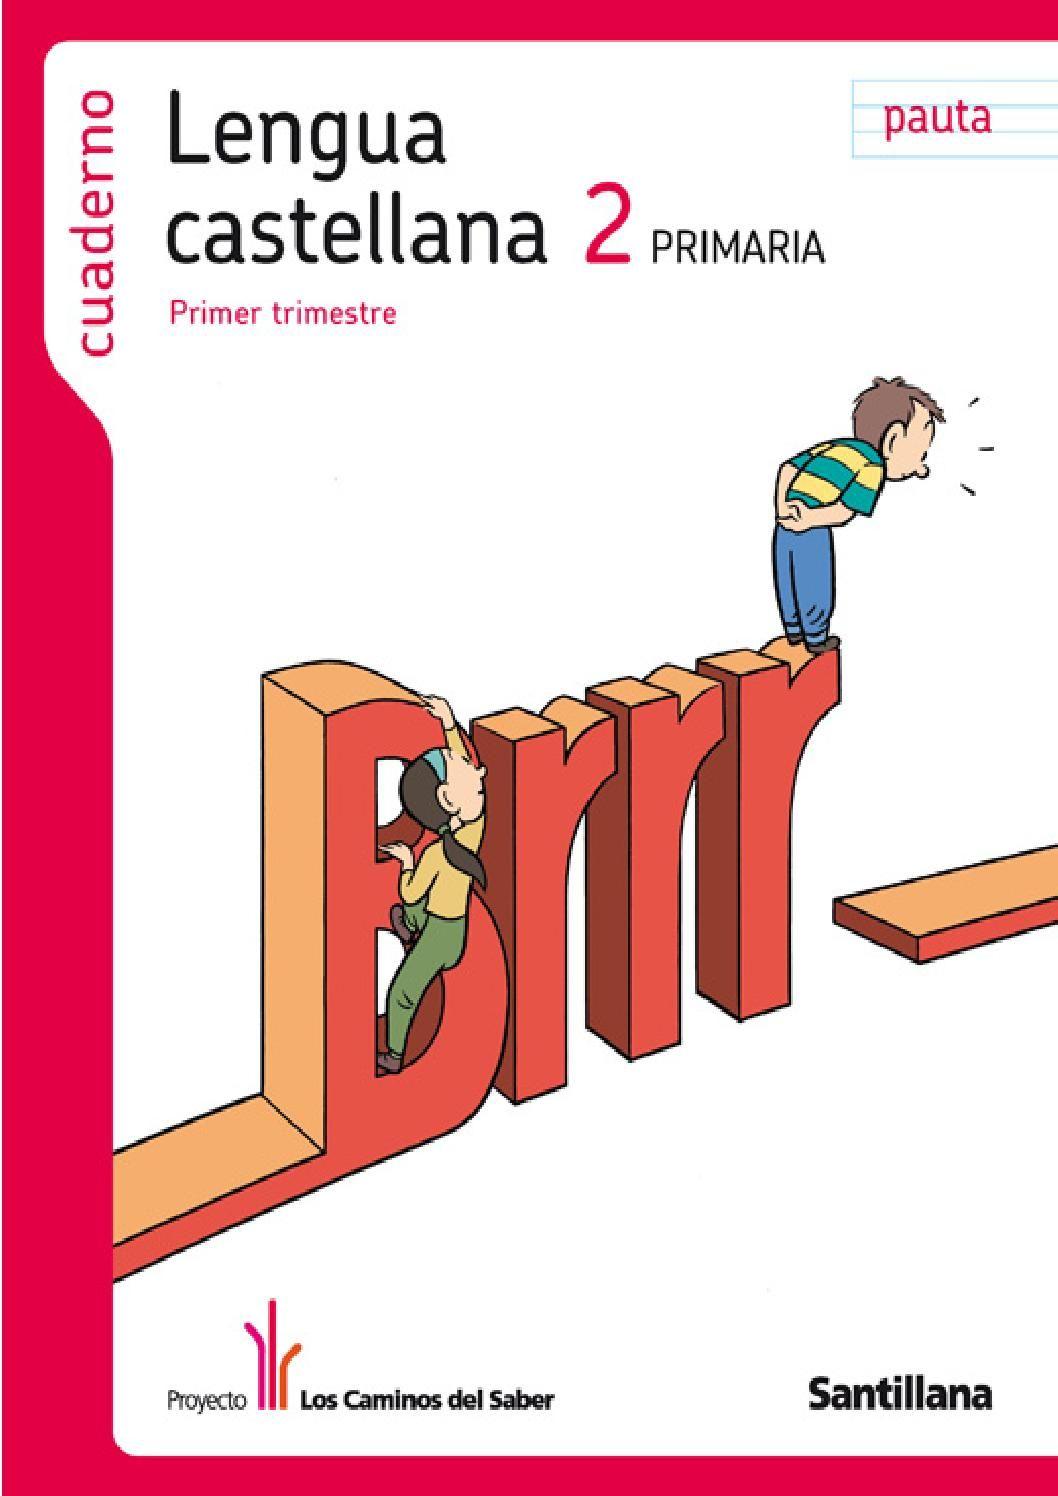 Lengua Castellana 2º de Primaria (primer trimestre) - Los